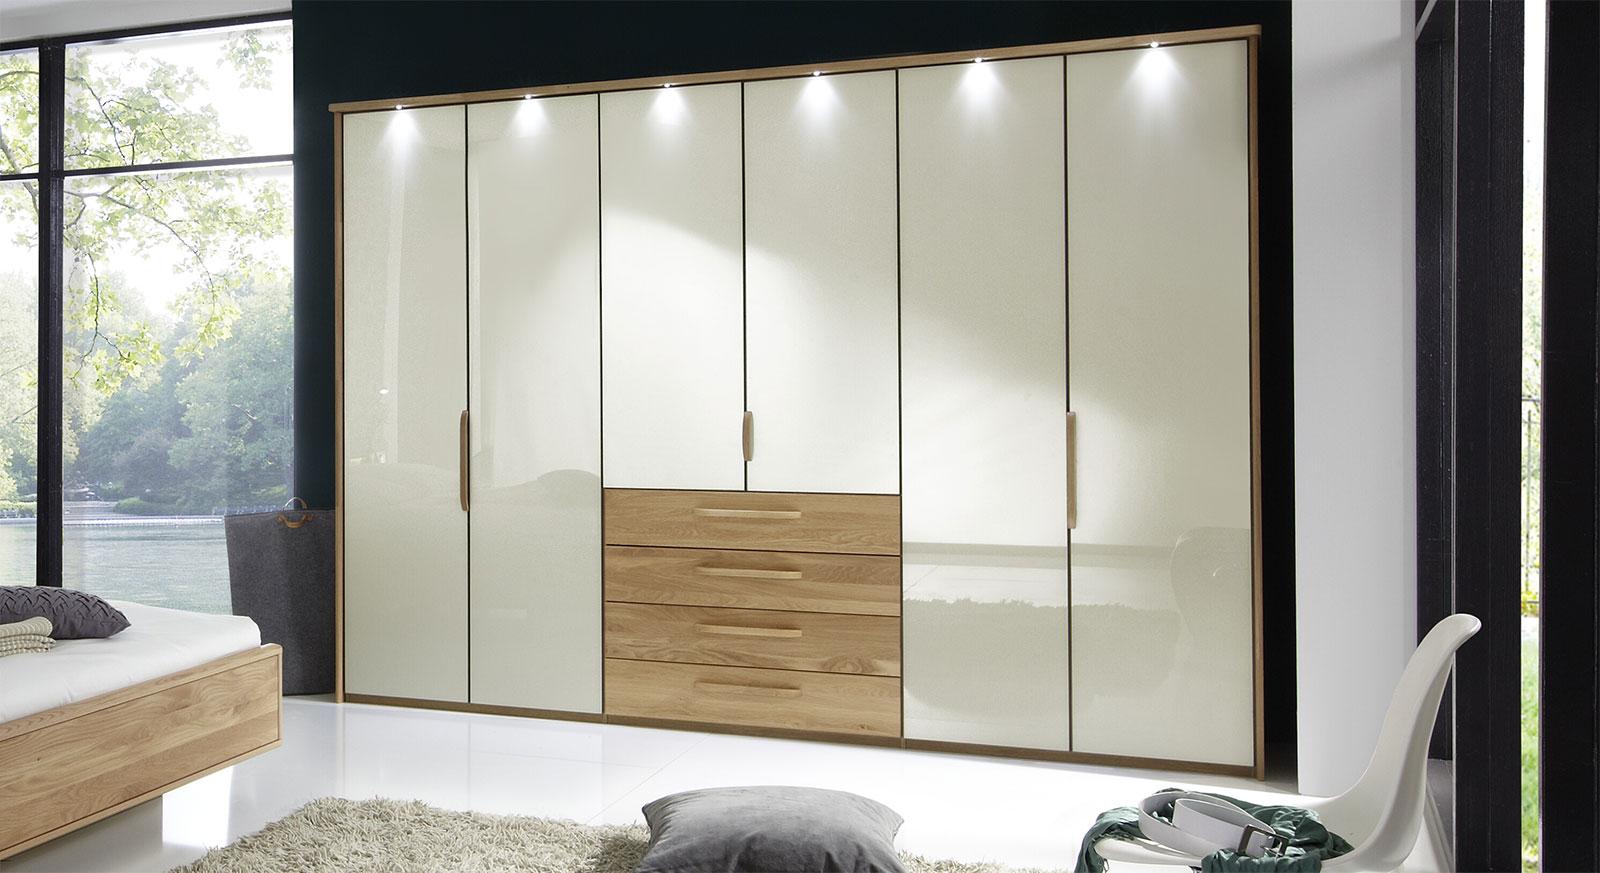 Falttüren-Kleiderschrank Dartford in Magnolie mit Passepartout-Rahmen und Beleuchtung